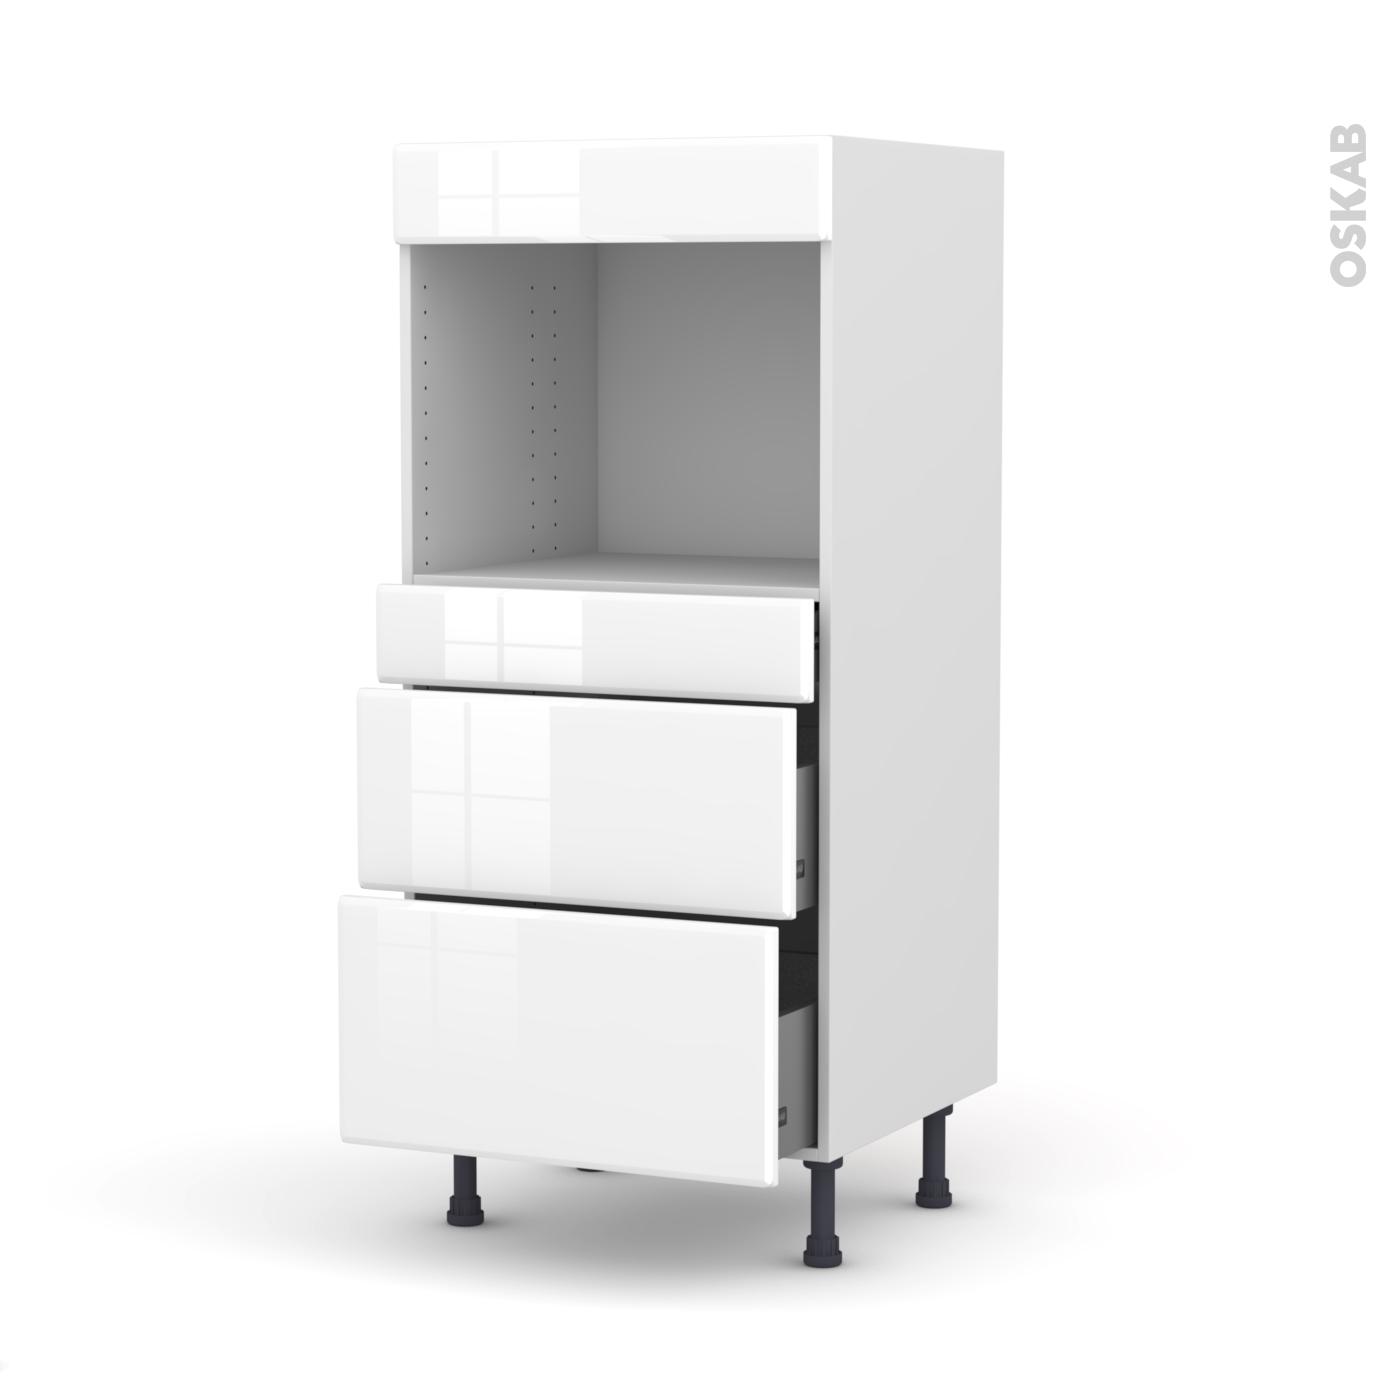 Colonne de cuisine N°15 Four encastrable niche 15 IRIS Blanc, 15 tiroirs,  L15 x H15 x P15 cm